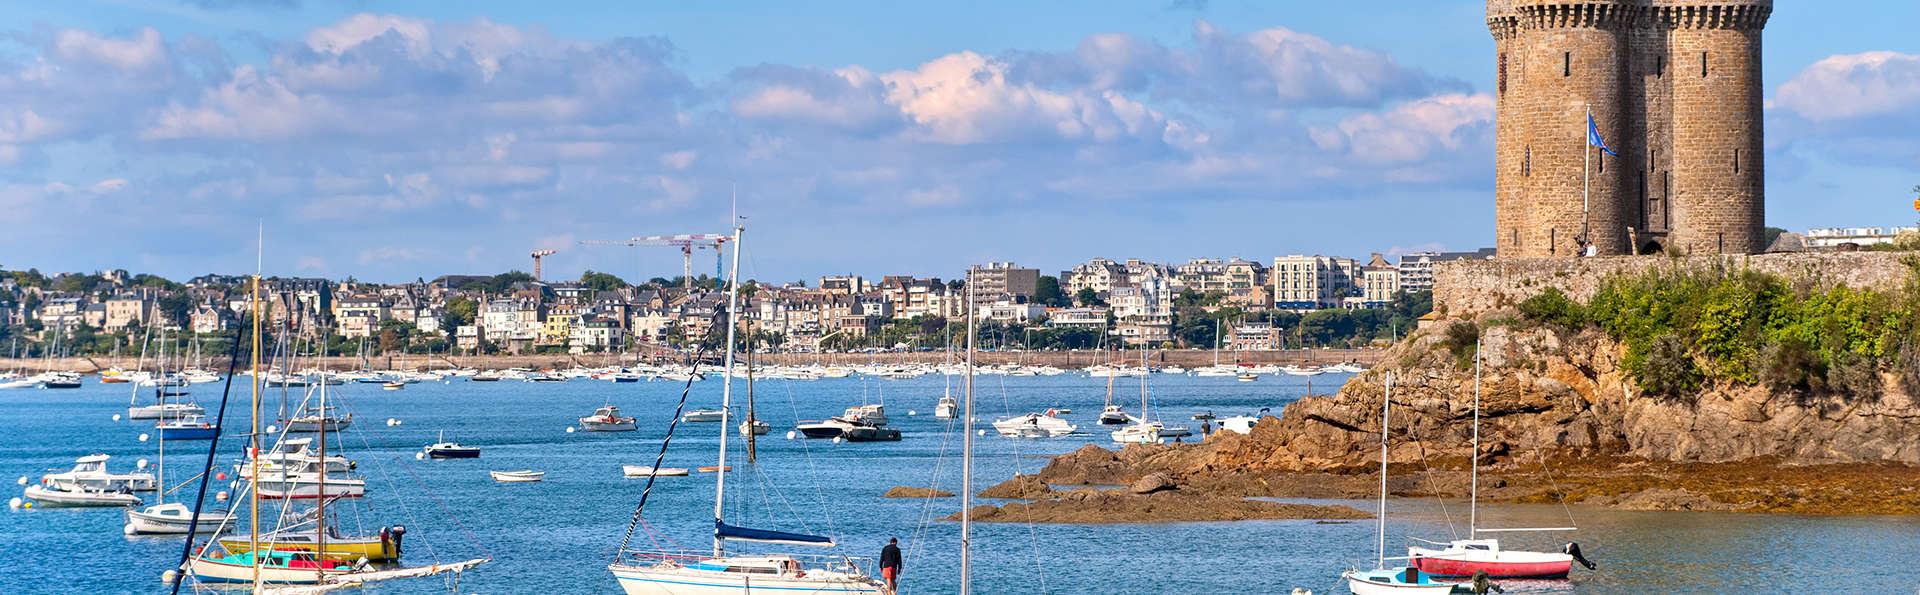 Évasion sur la Côte Émeraude à Saint-Malo